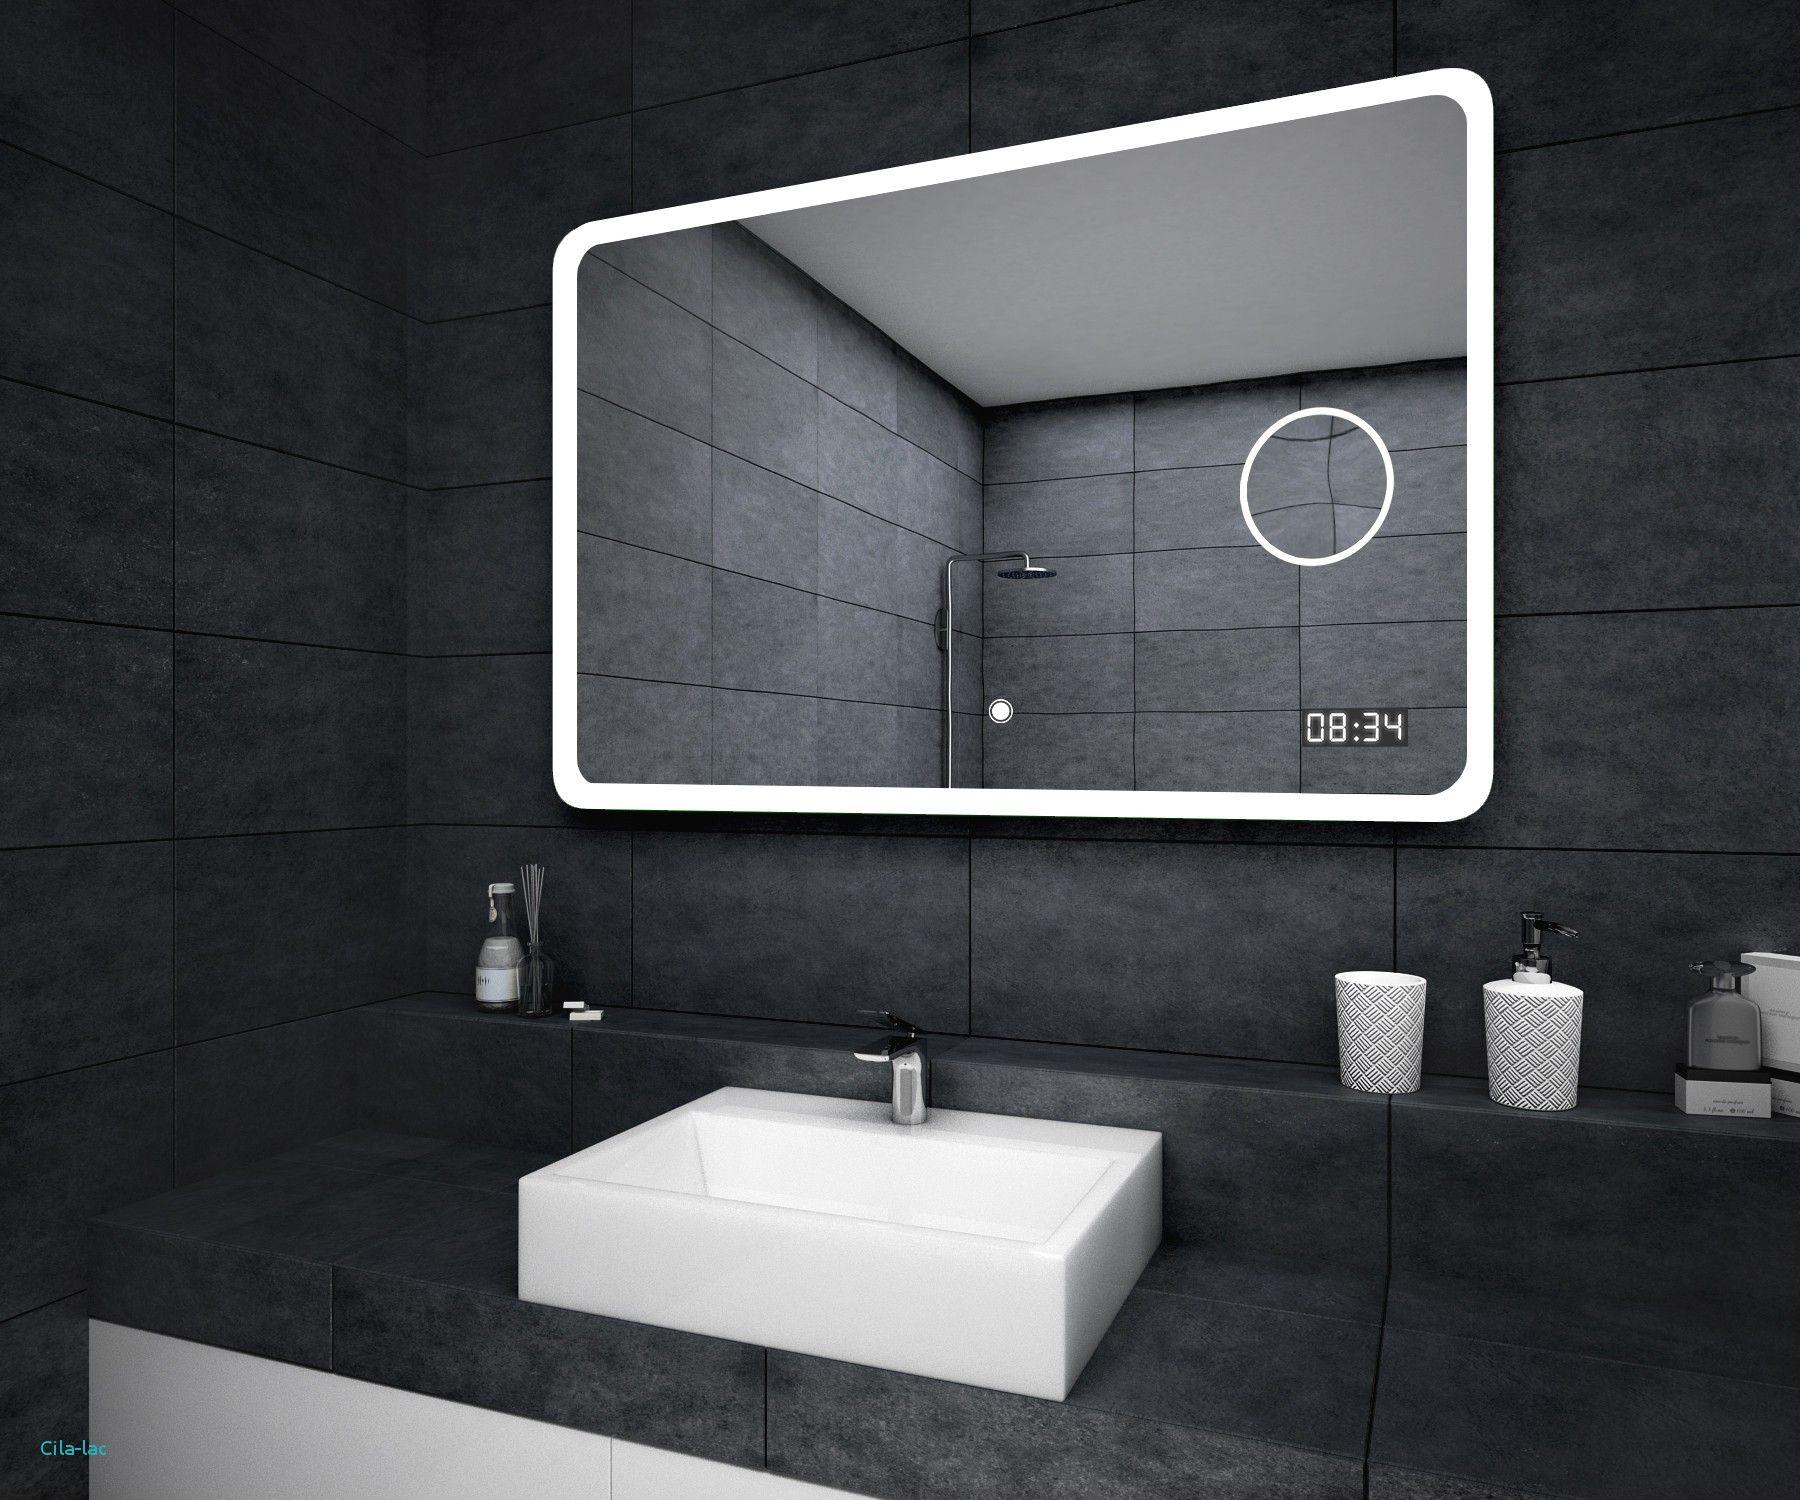 Luxus Badspiegel Mit Led Lampen Badezimmer Lampen Ideen In